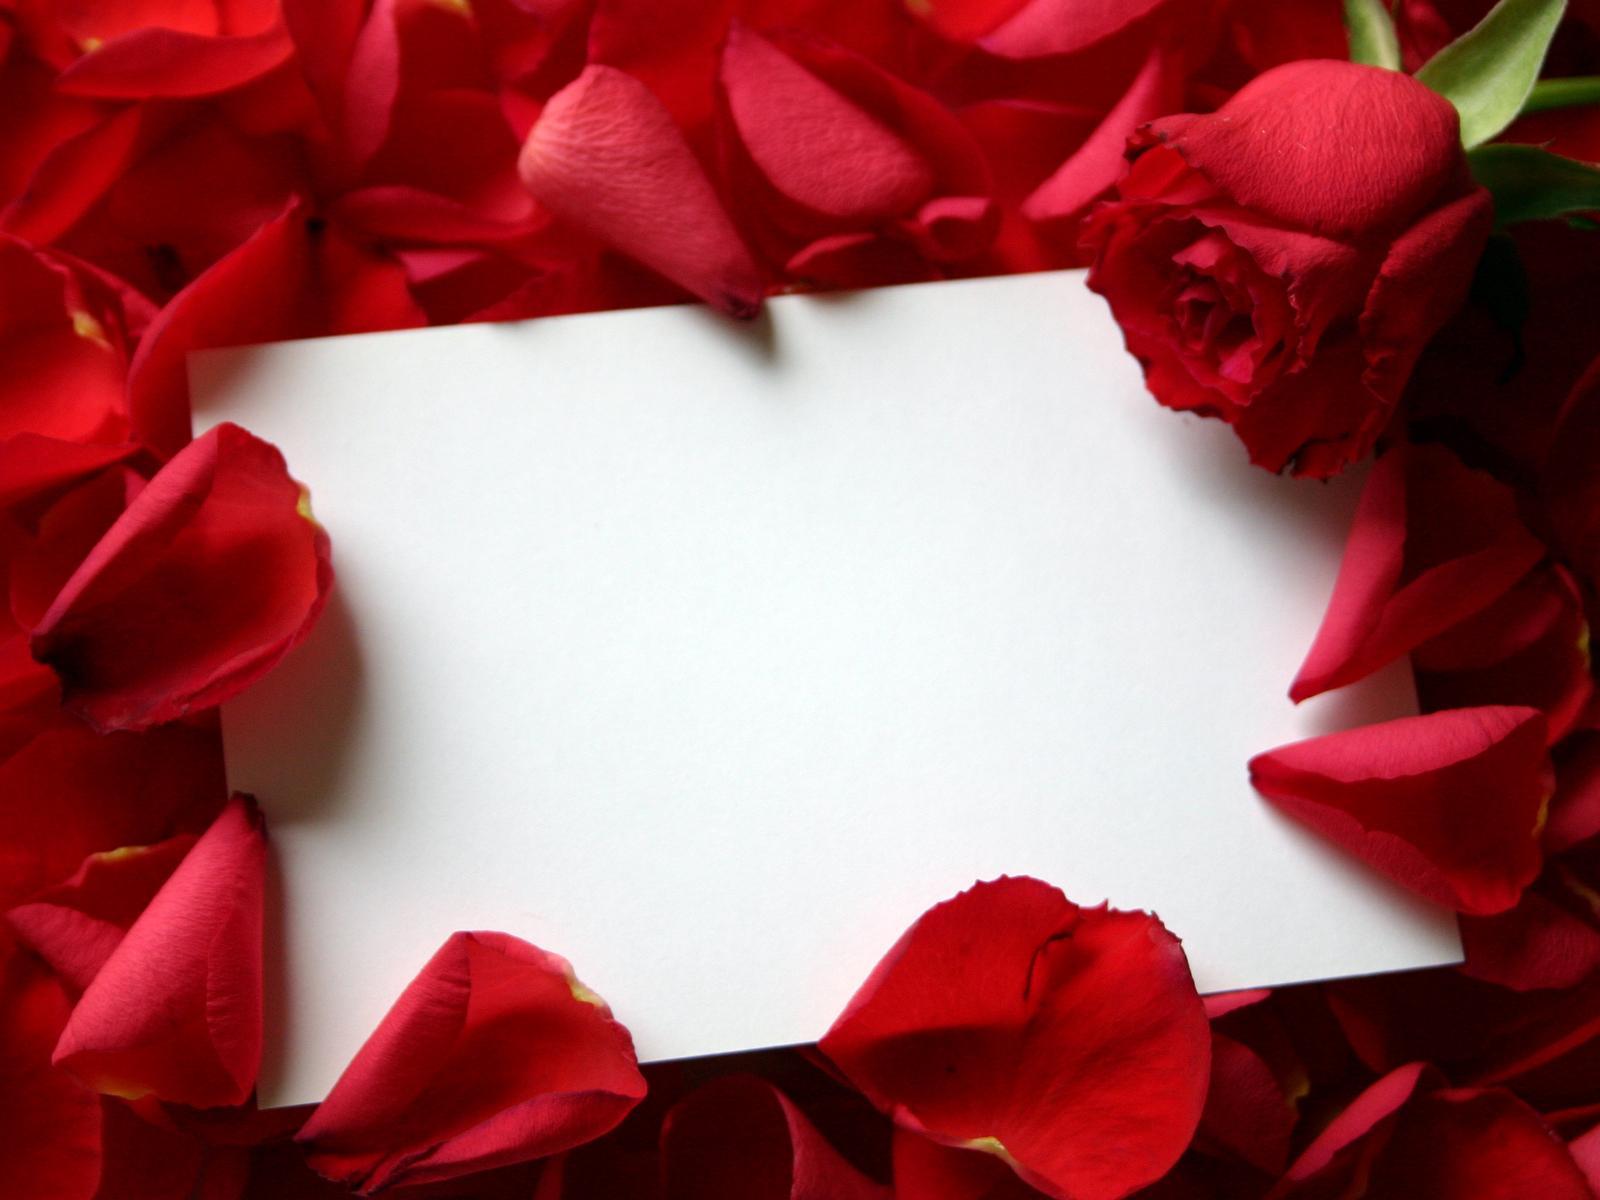 http://4.bp.blogspot.com/-8qKsU_9LeFQ/ToWxKGsxBVI/AAAAAAAAAiI/jtXRKs-U9qk/s1600/Roses-Love-Letter-wallpaper.jpg